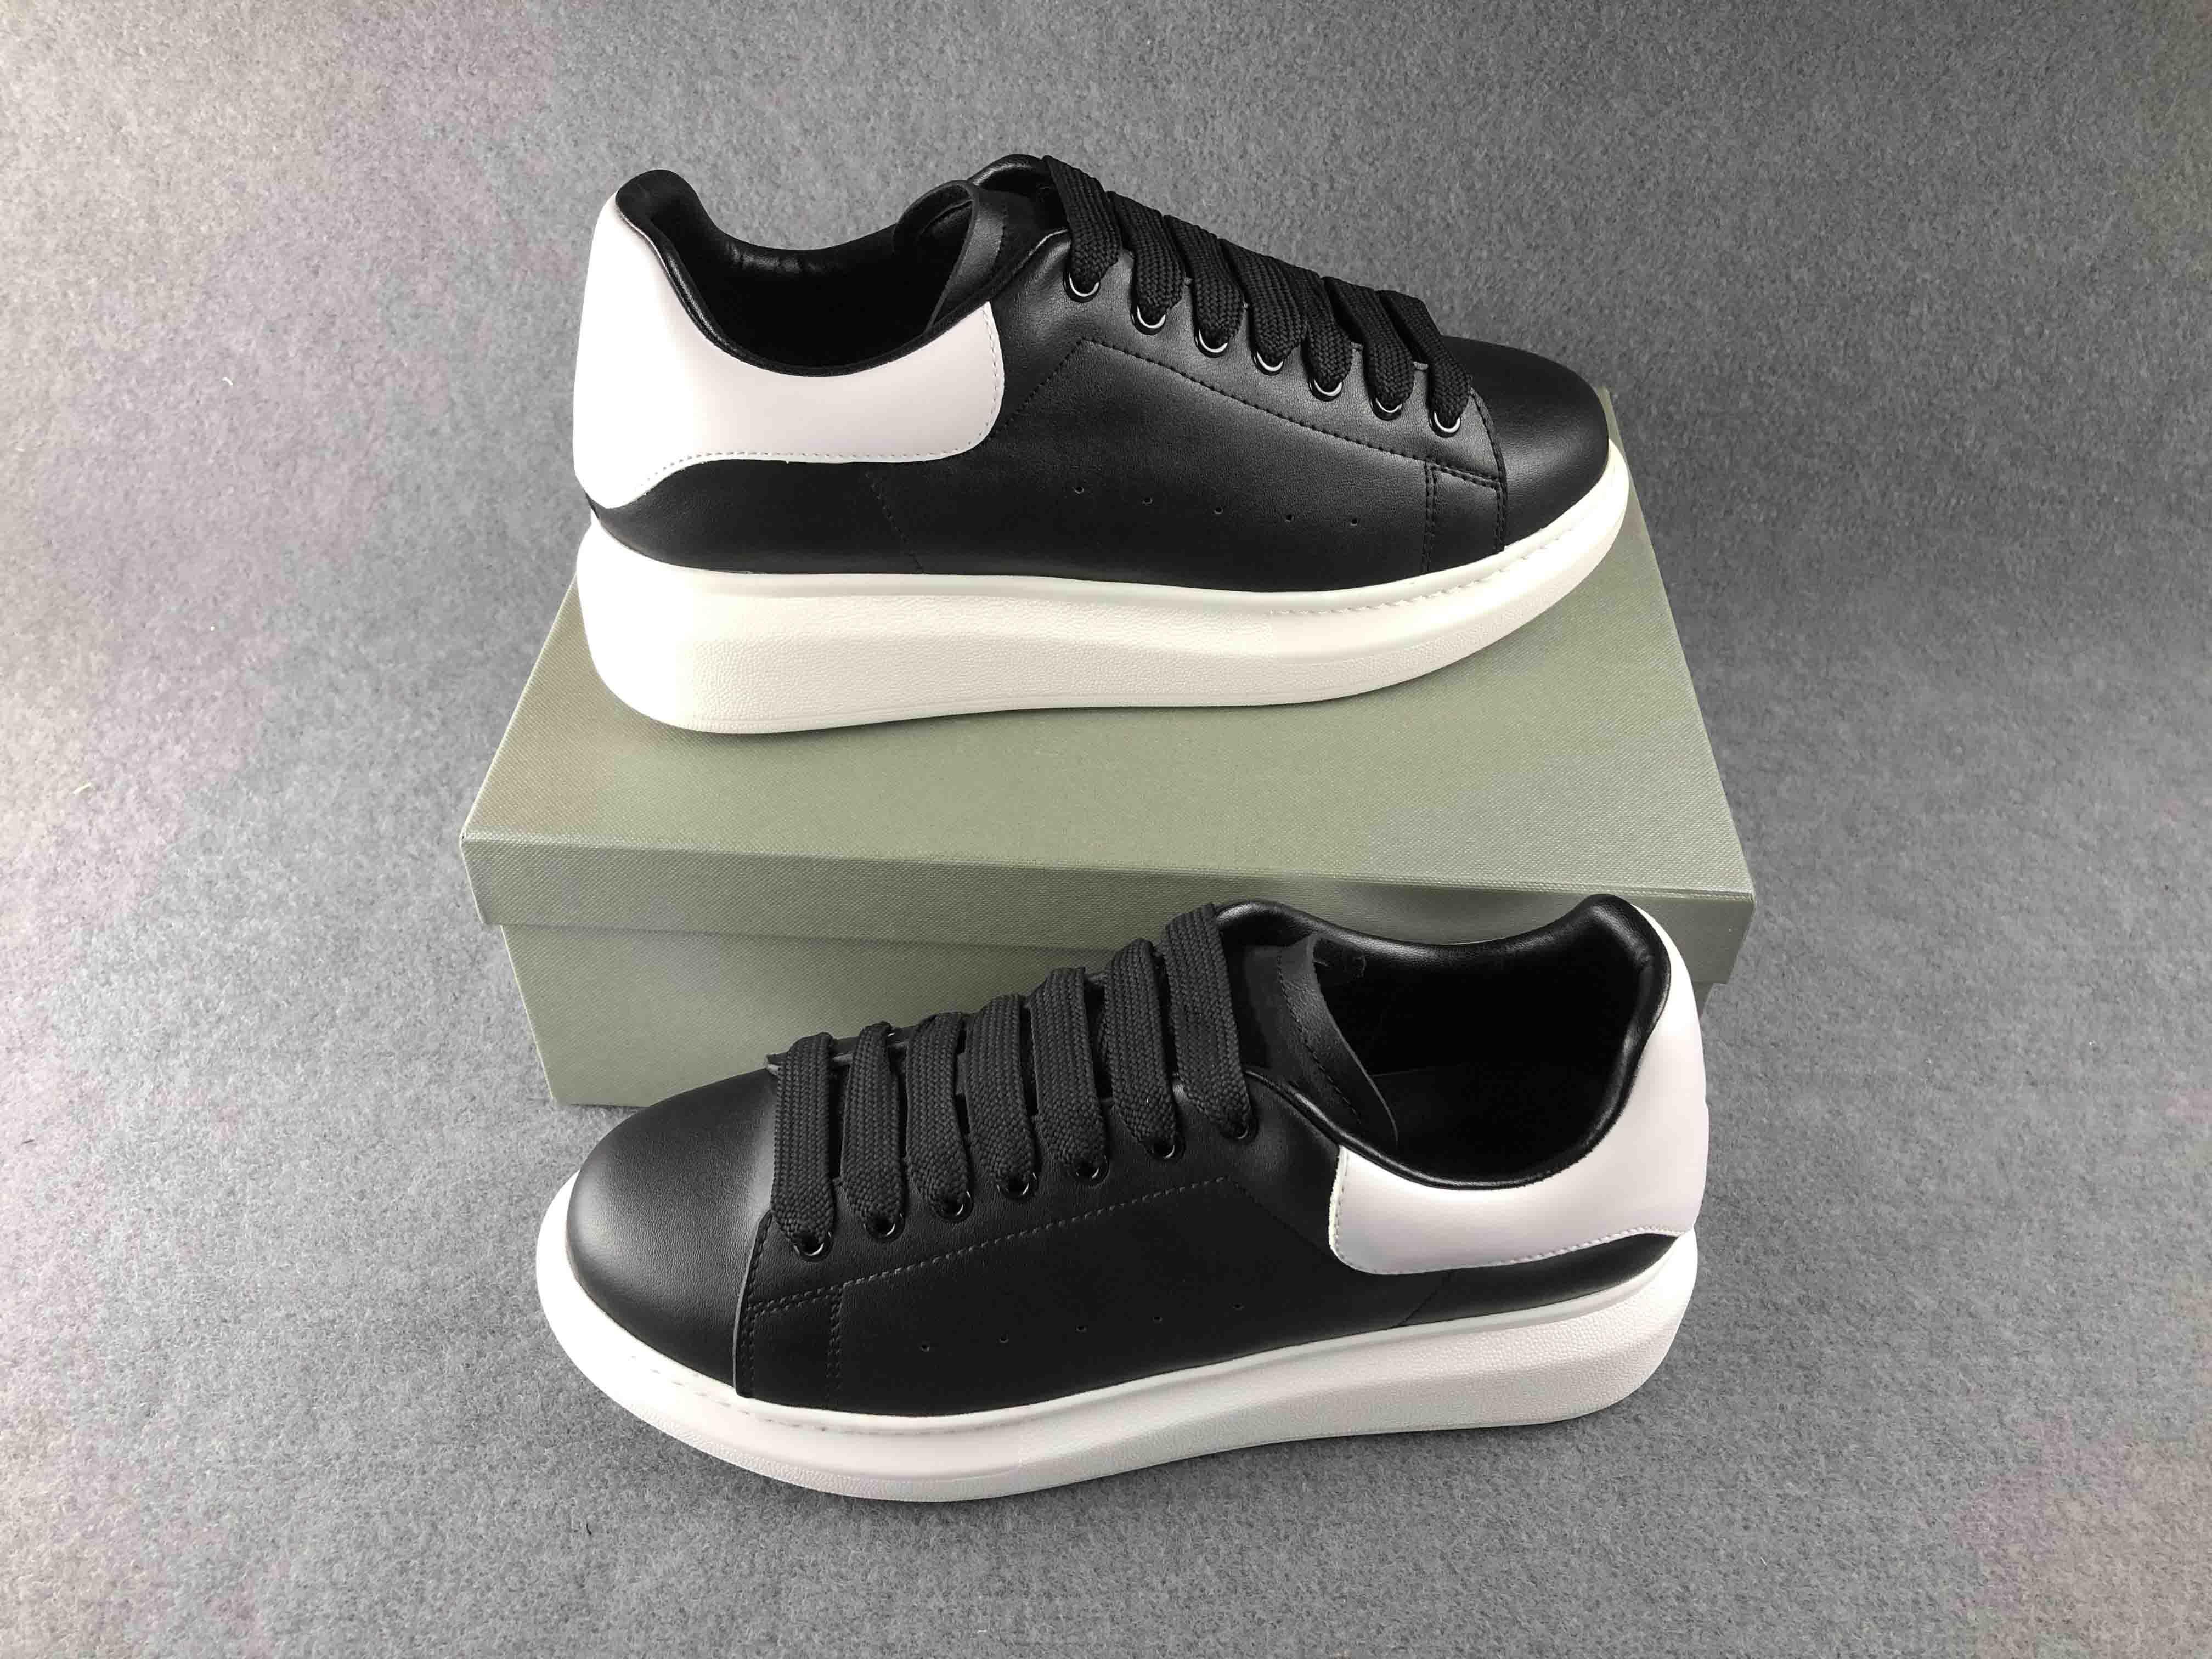 moda tasarımcısı ayakkabı Gerçek Deri Tasarımcı Sneaker Günlük Ayakkabılar kadın erkek 798lady oğlan kız ayakkabı iyi elbise ayakkabı zam ayakkabı Z23